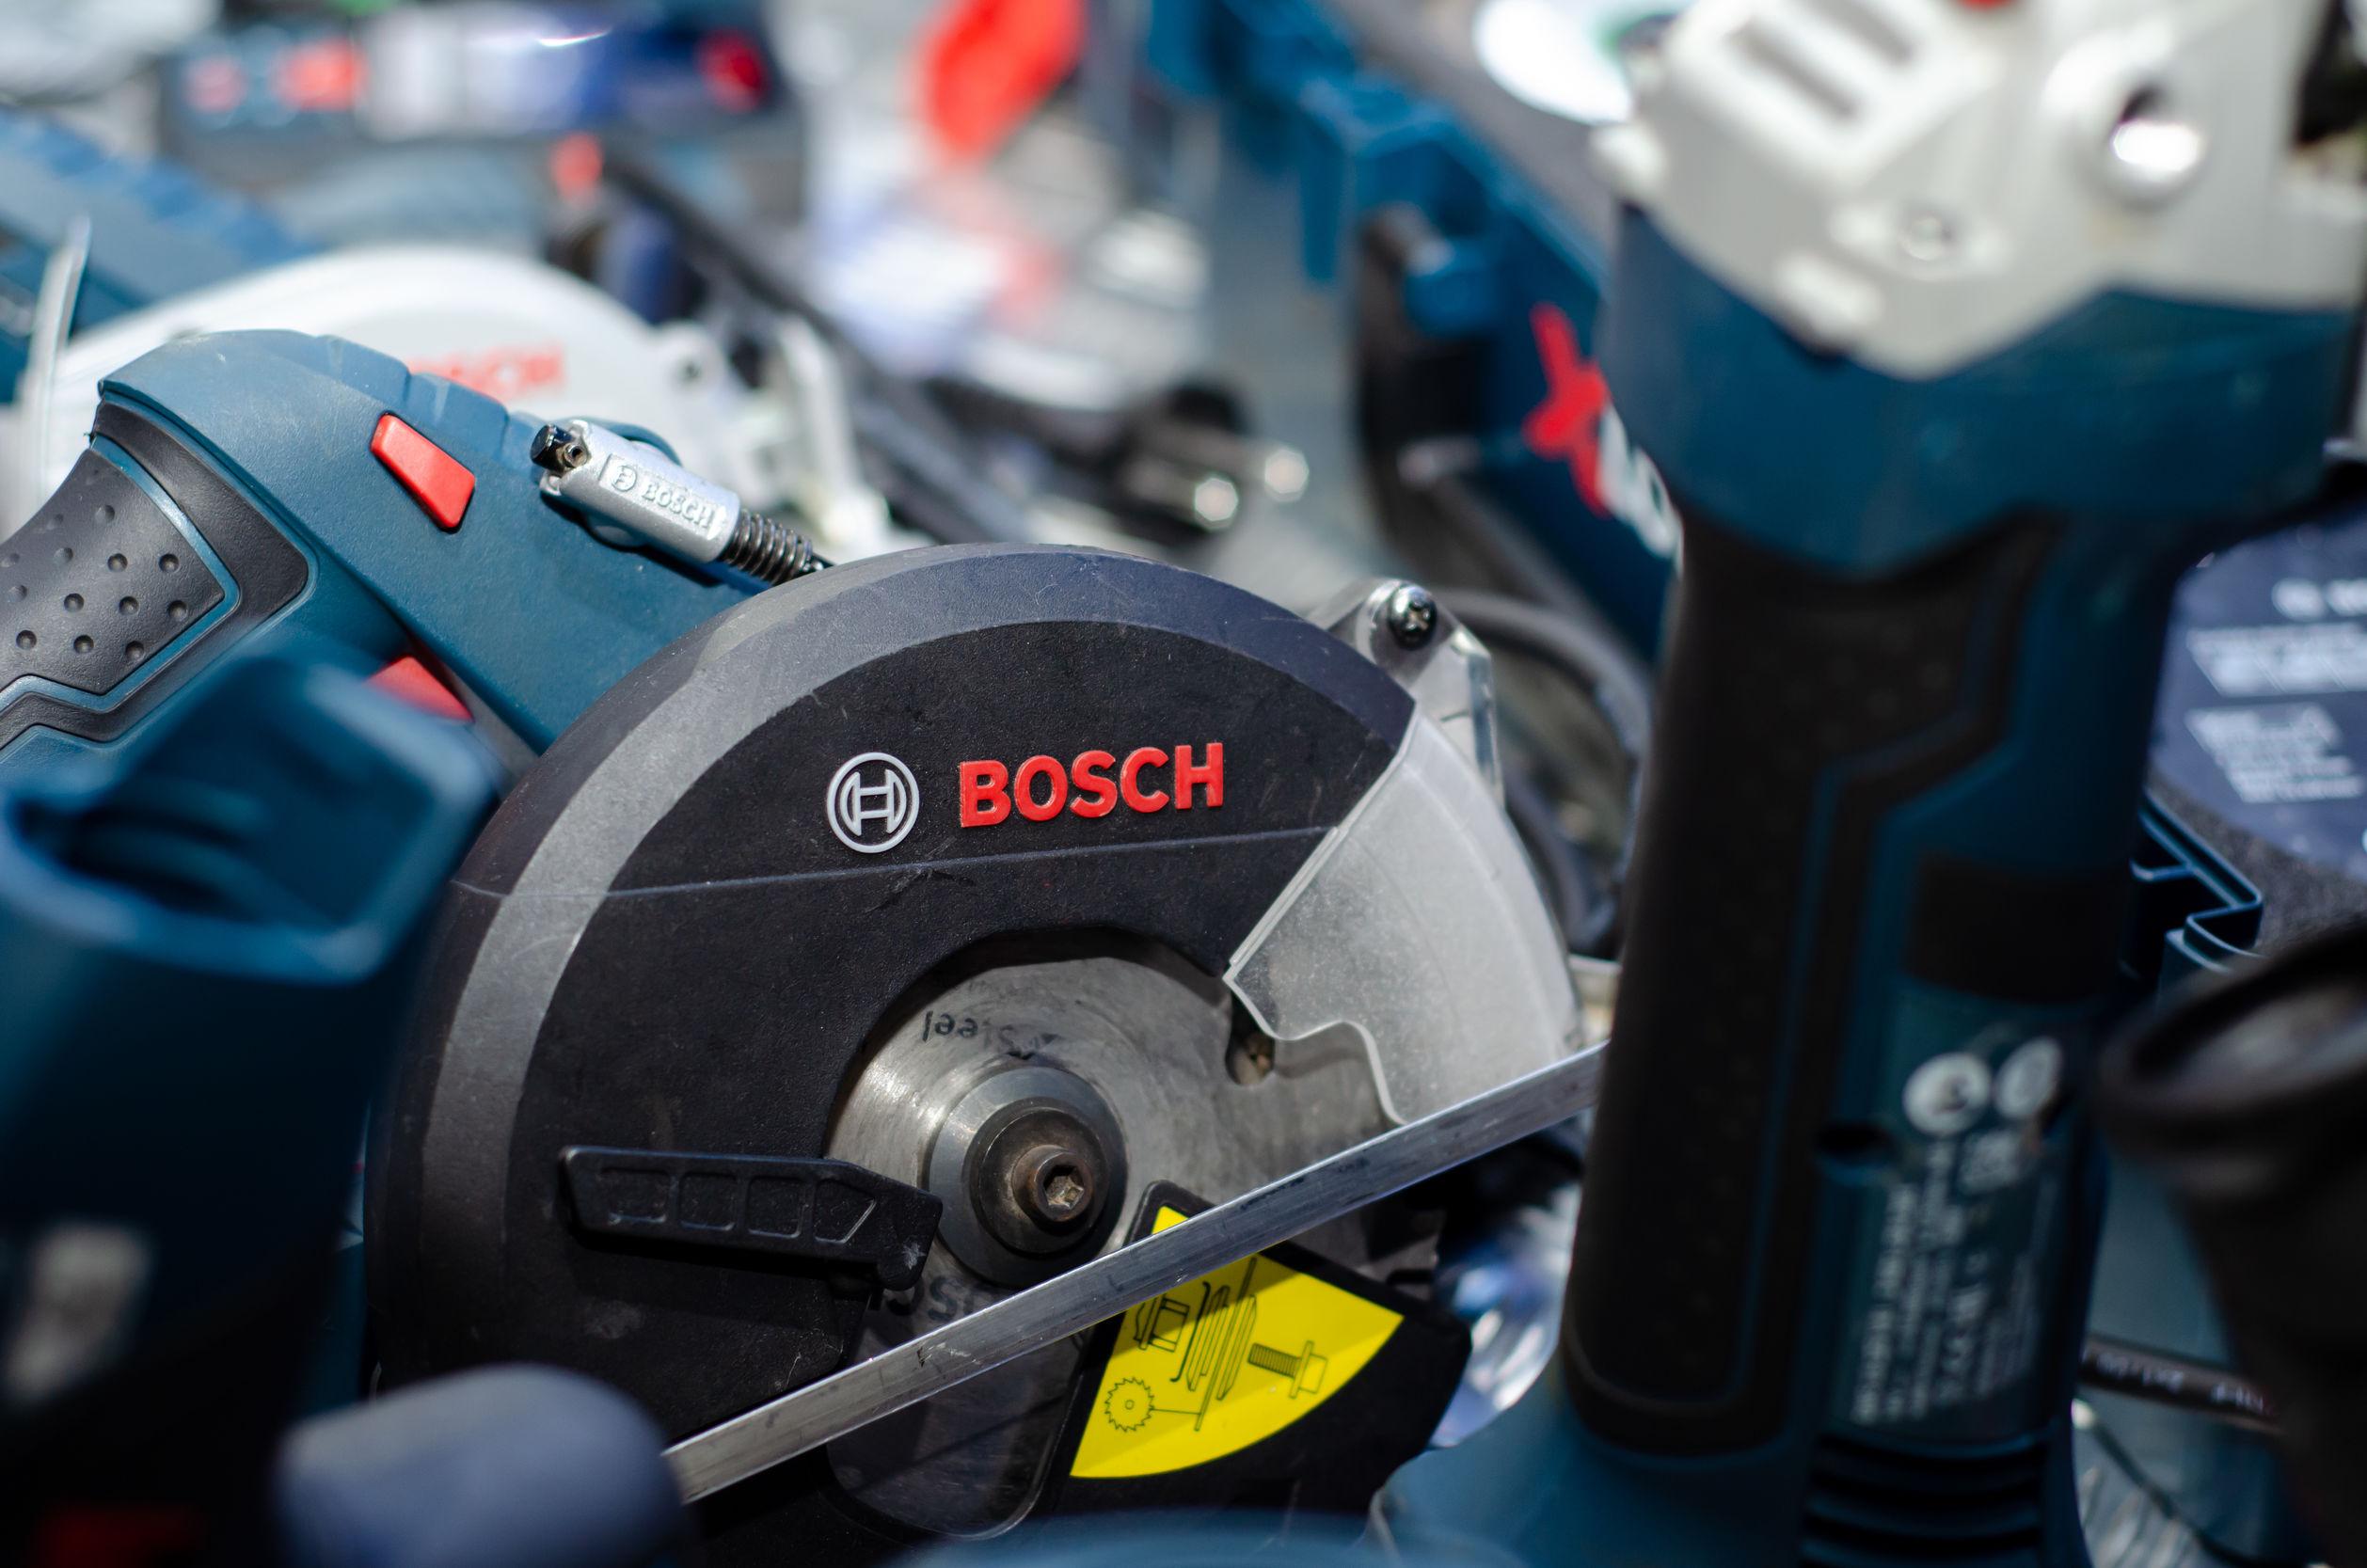 Imagem mostra uma esmerilhadeira Bosch junto a outras ferramentas.